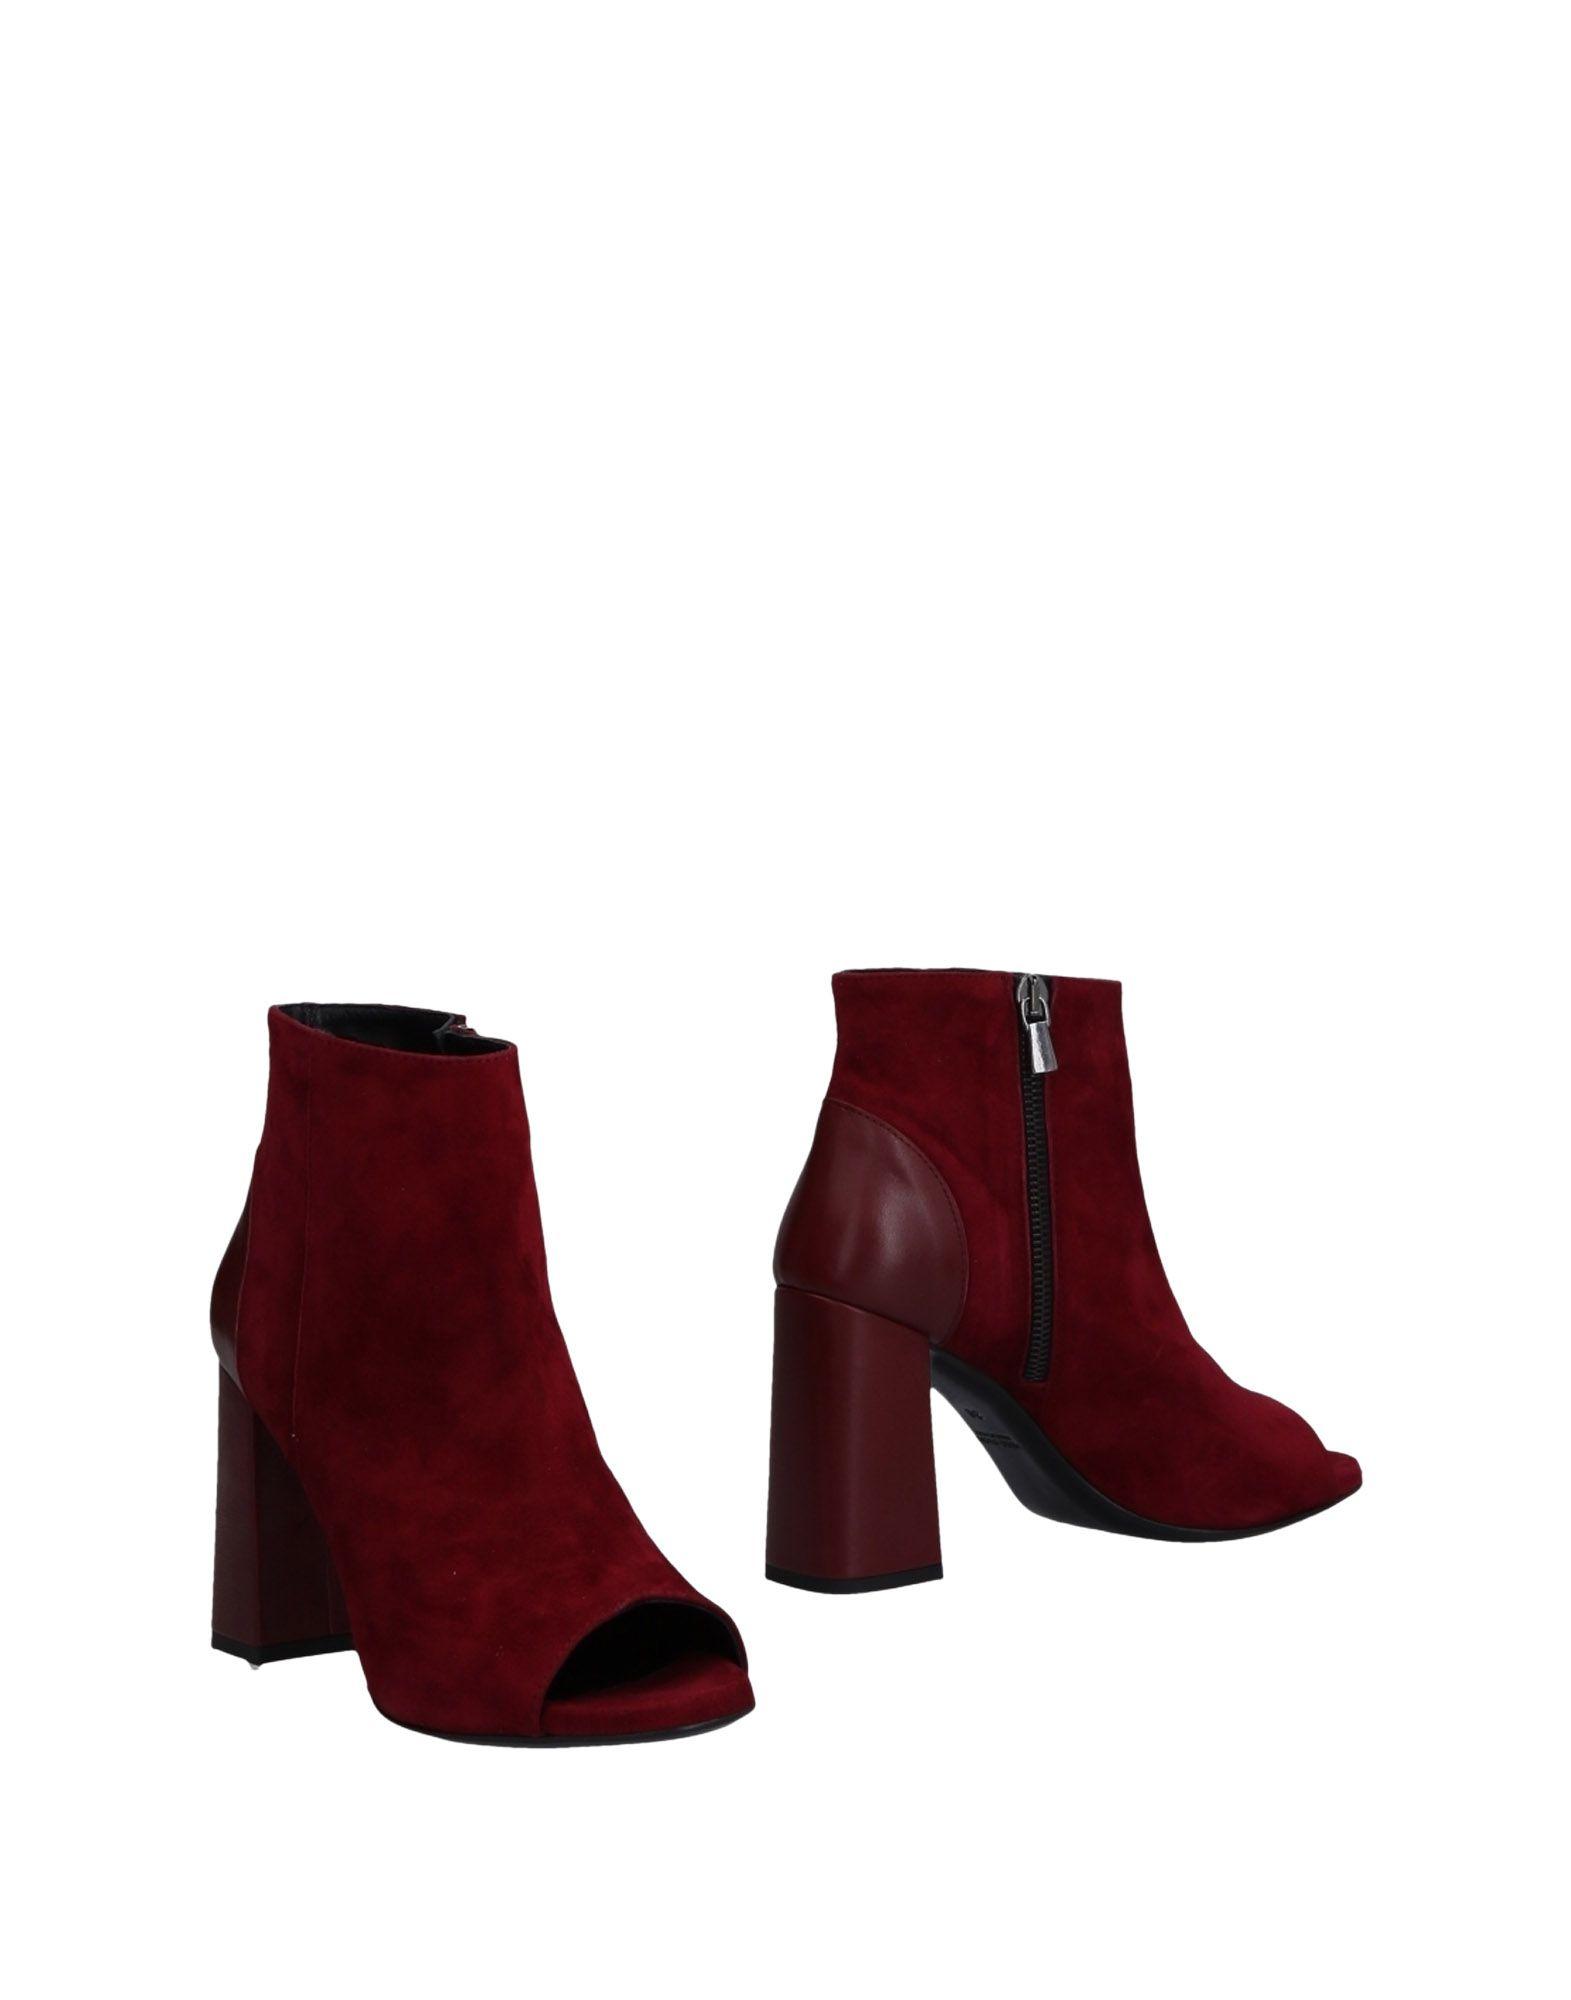 Gut Piccolo um billige Schuhe zu tragenVincenzo Piccolo Gut Stiefelette Damen  11476238VD b8a1ef